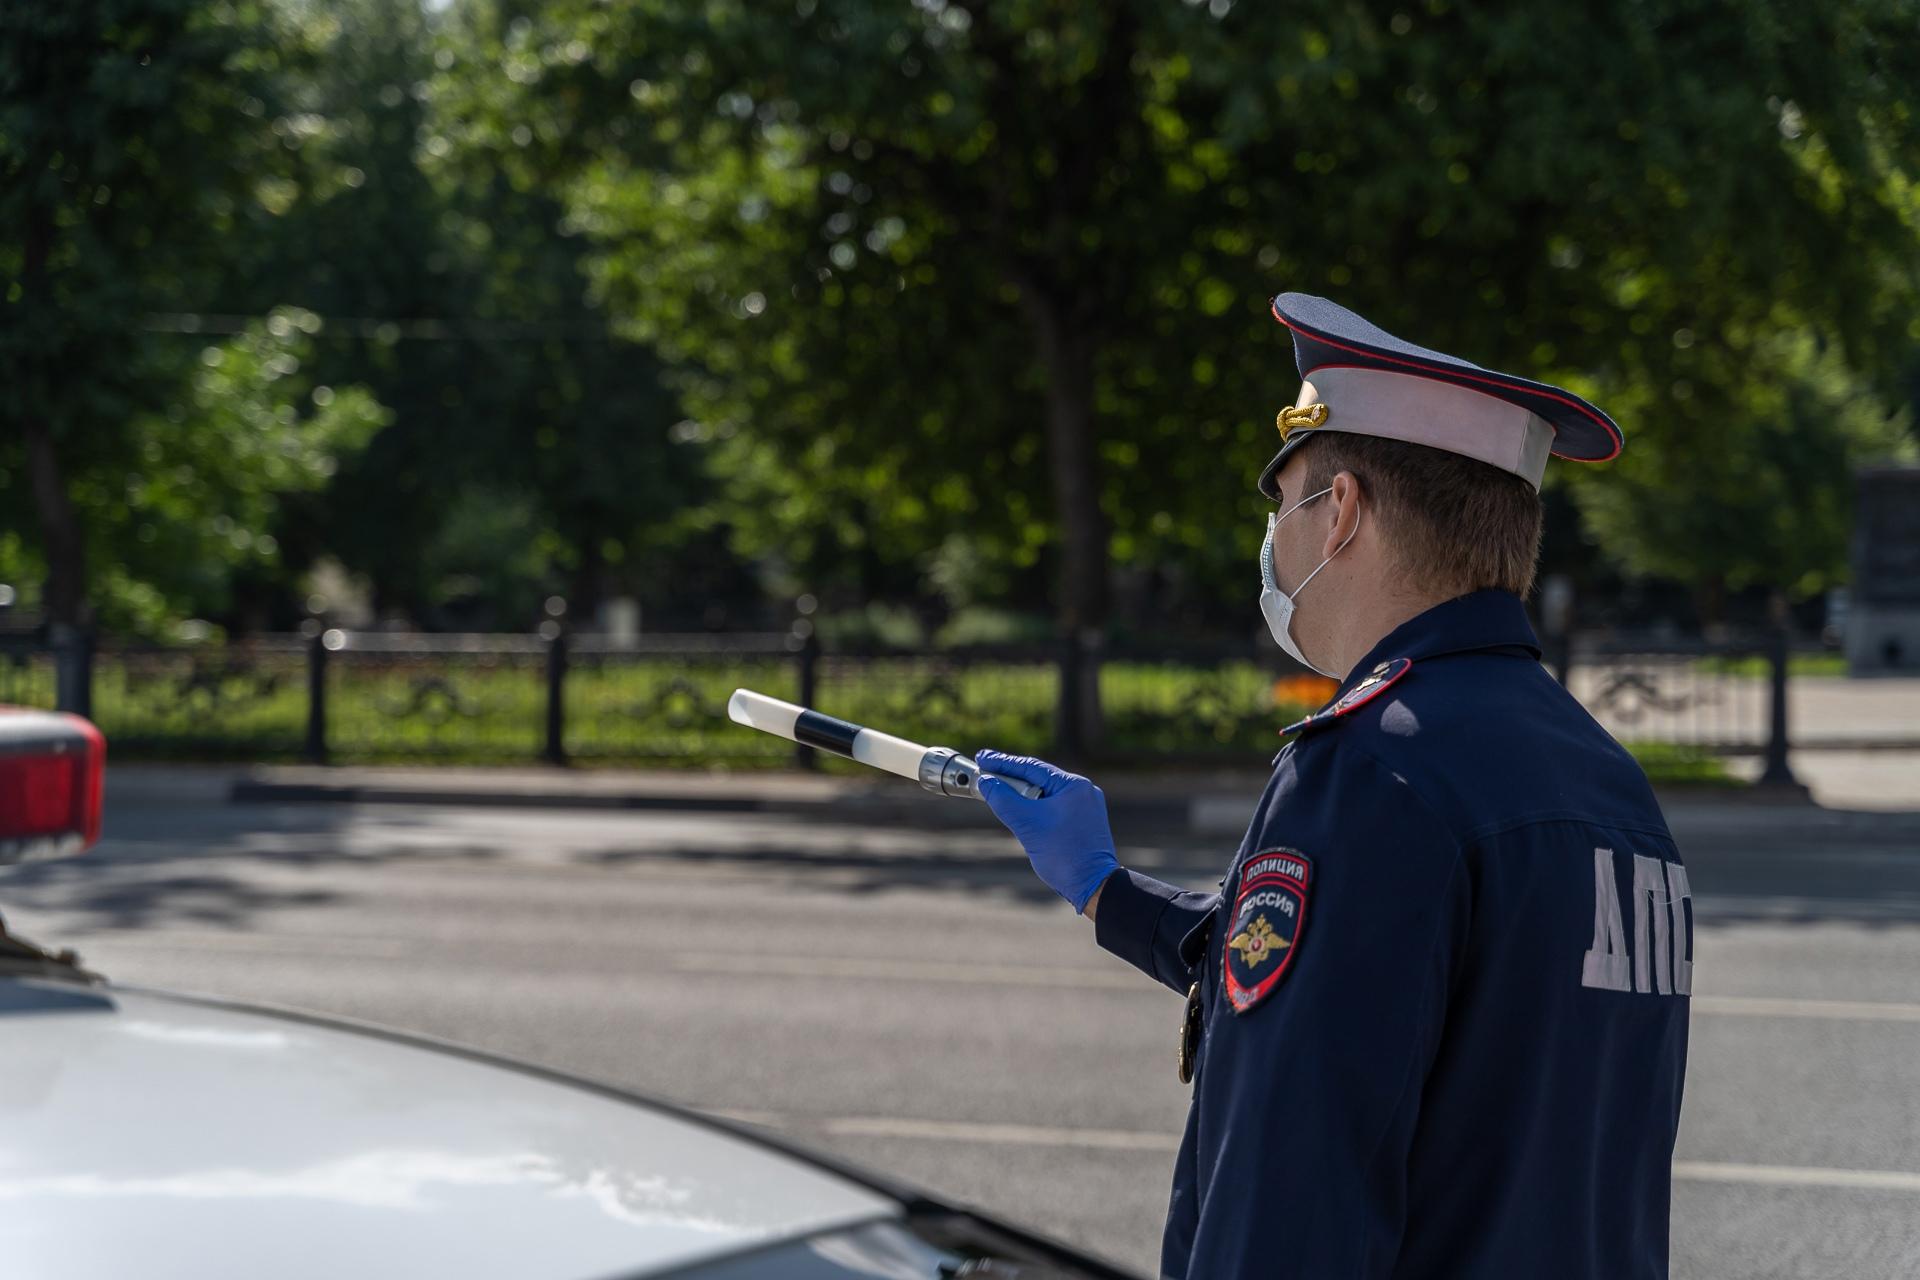 Инспекторы рассказали тверским водителям, о чём лучше помалкивать во время проверки